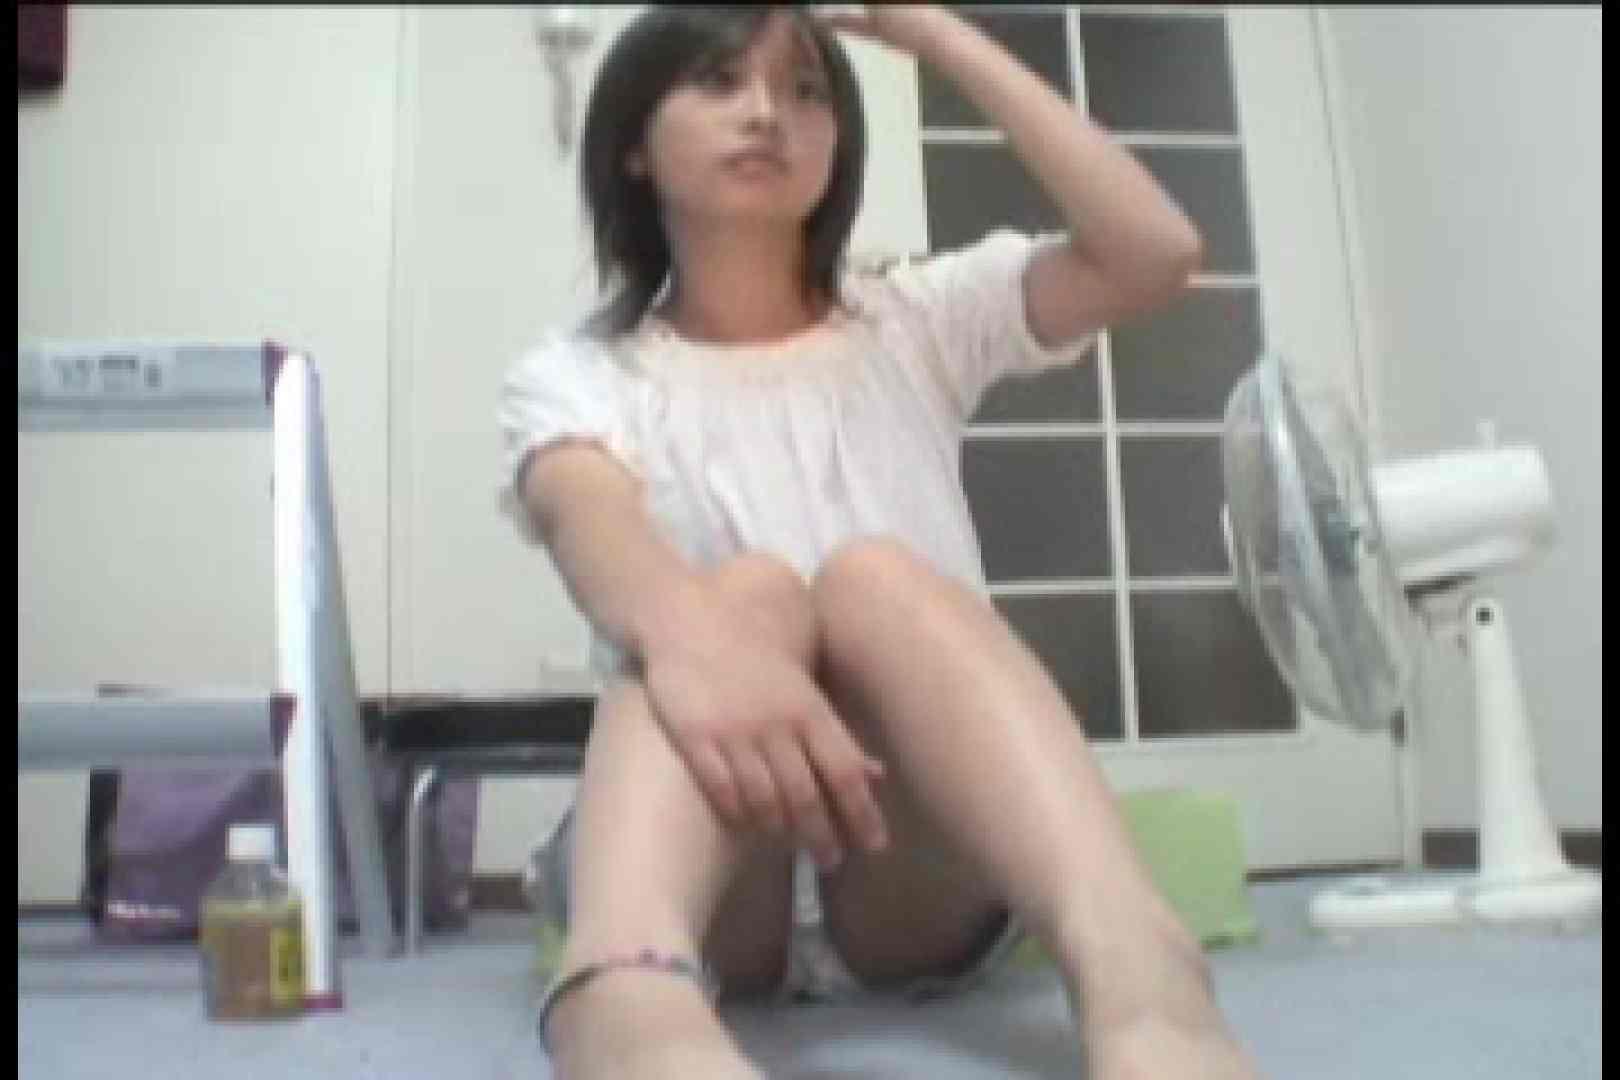 パンツ売りの女の子 むみちゃんvol.1 OL  112pic 68